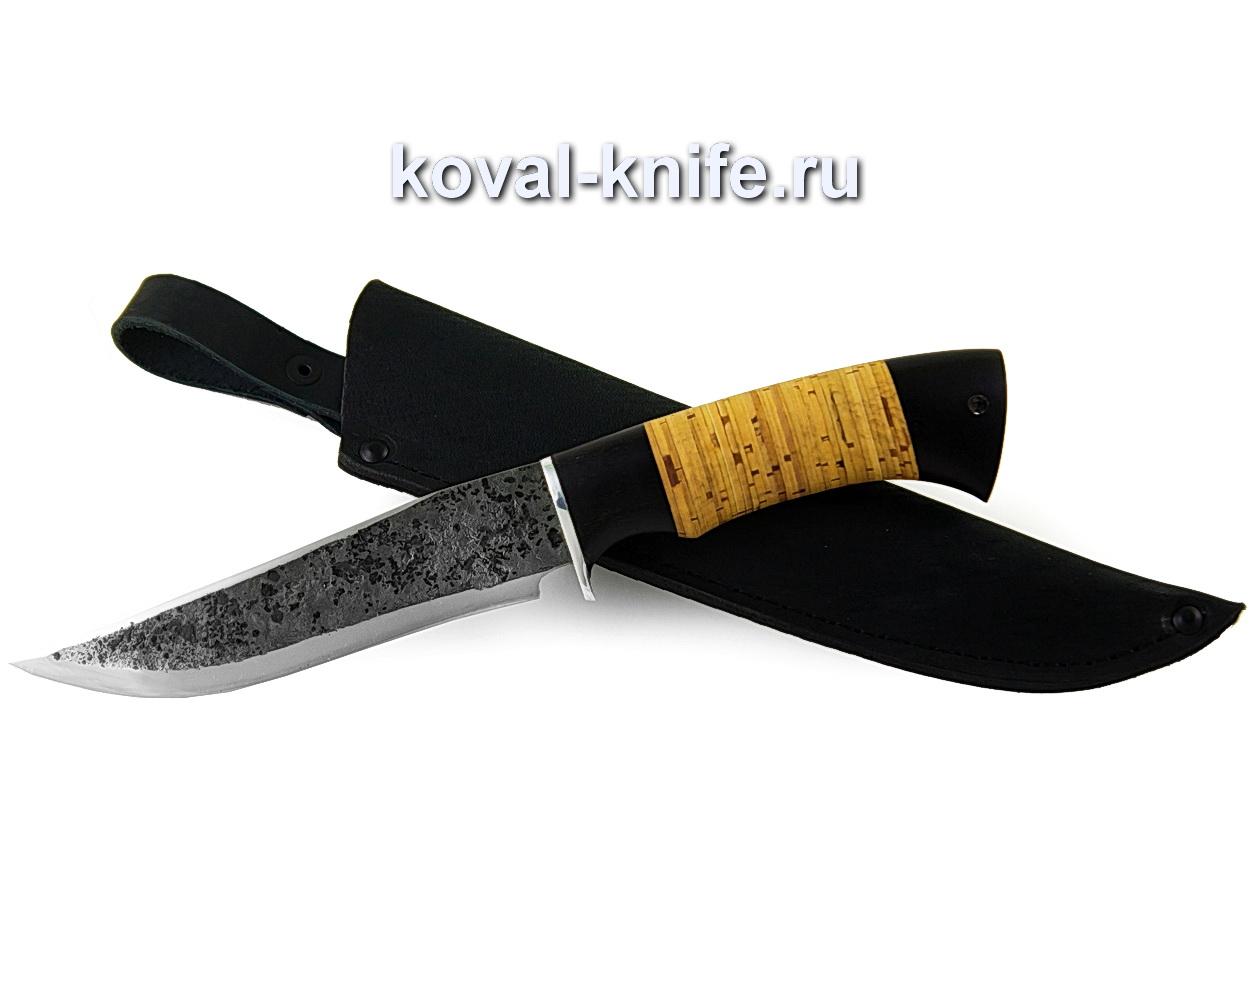 Нож Клыч из кованой стали 9хс (рукоять береста и граб) A371